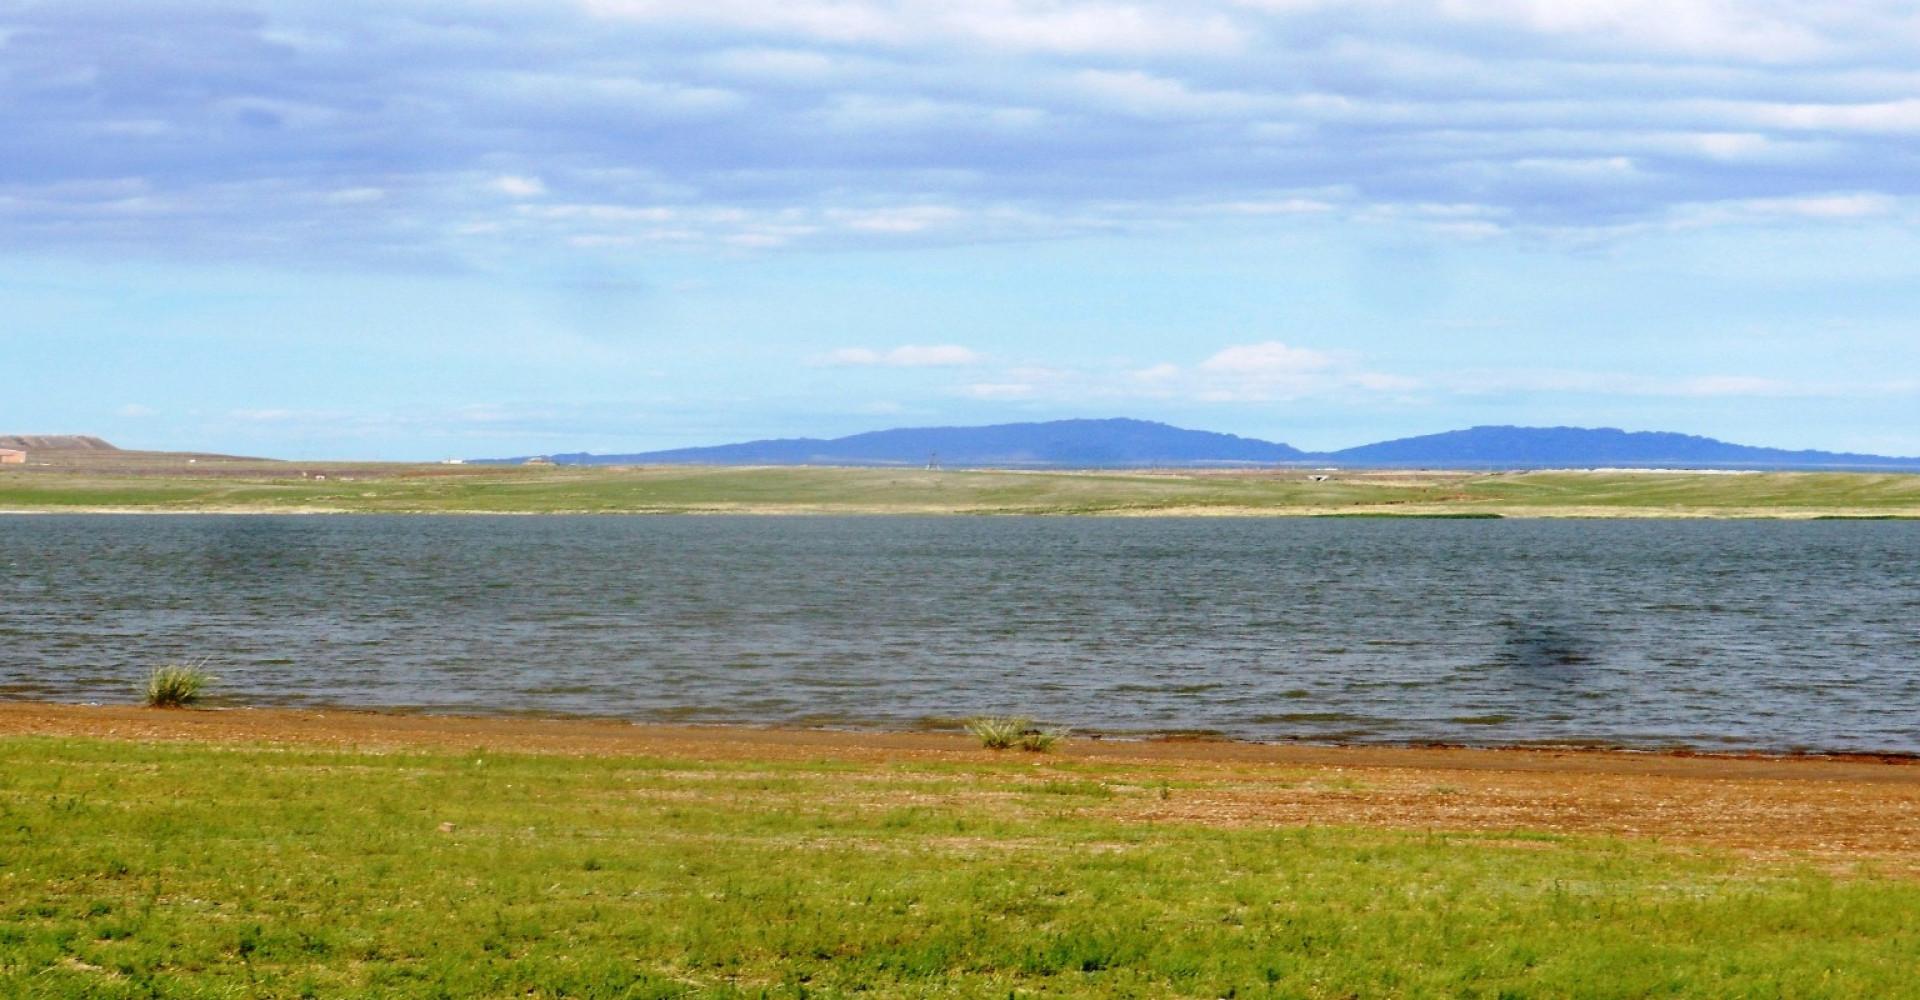 Khayalga Lake